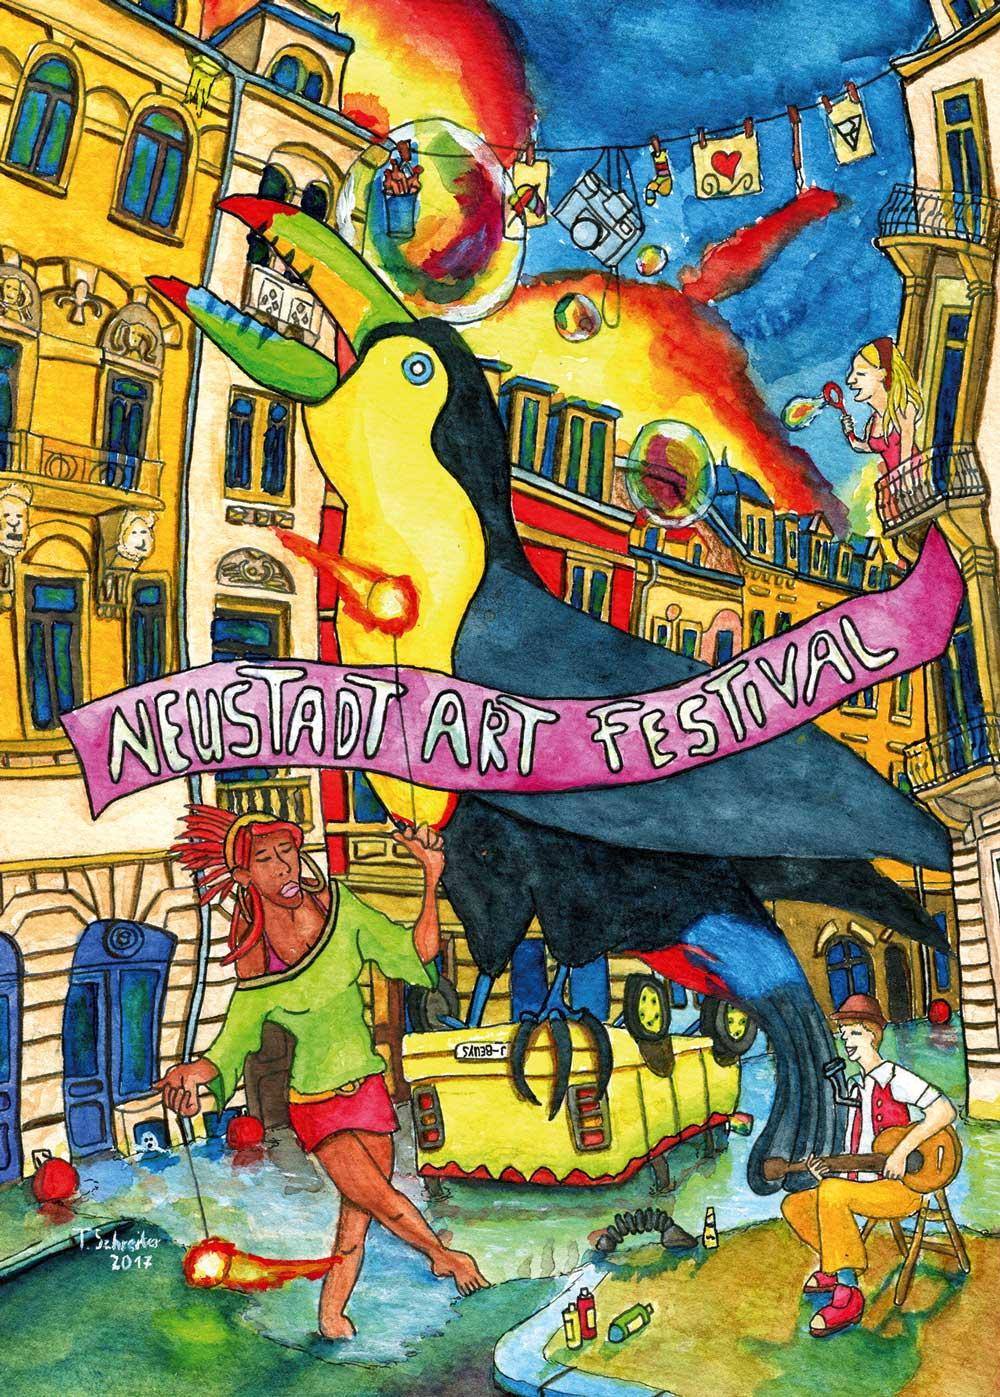 Neustadt Art Festival 2017